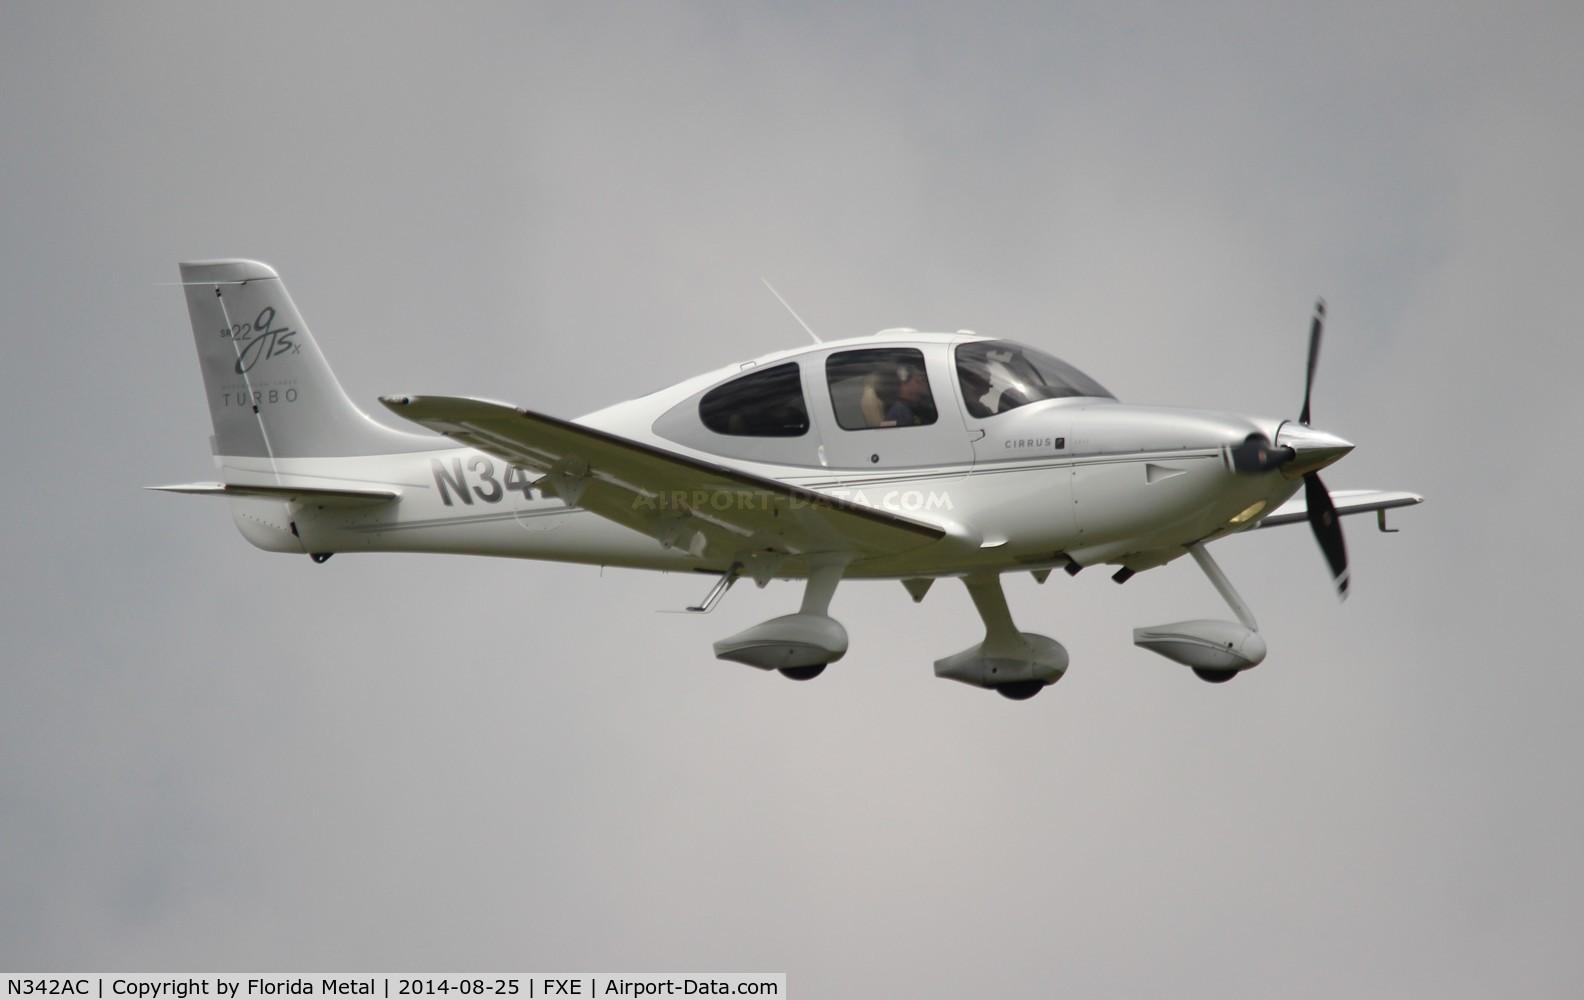 N342AC, 2008 Cirrus SR22 G3 GTSX Turbo C/N 3051, Cirrus SR22